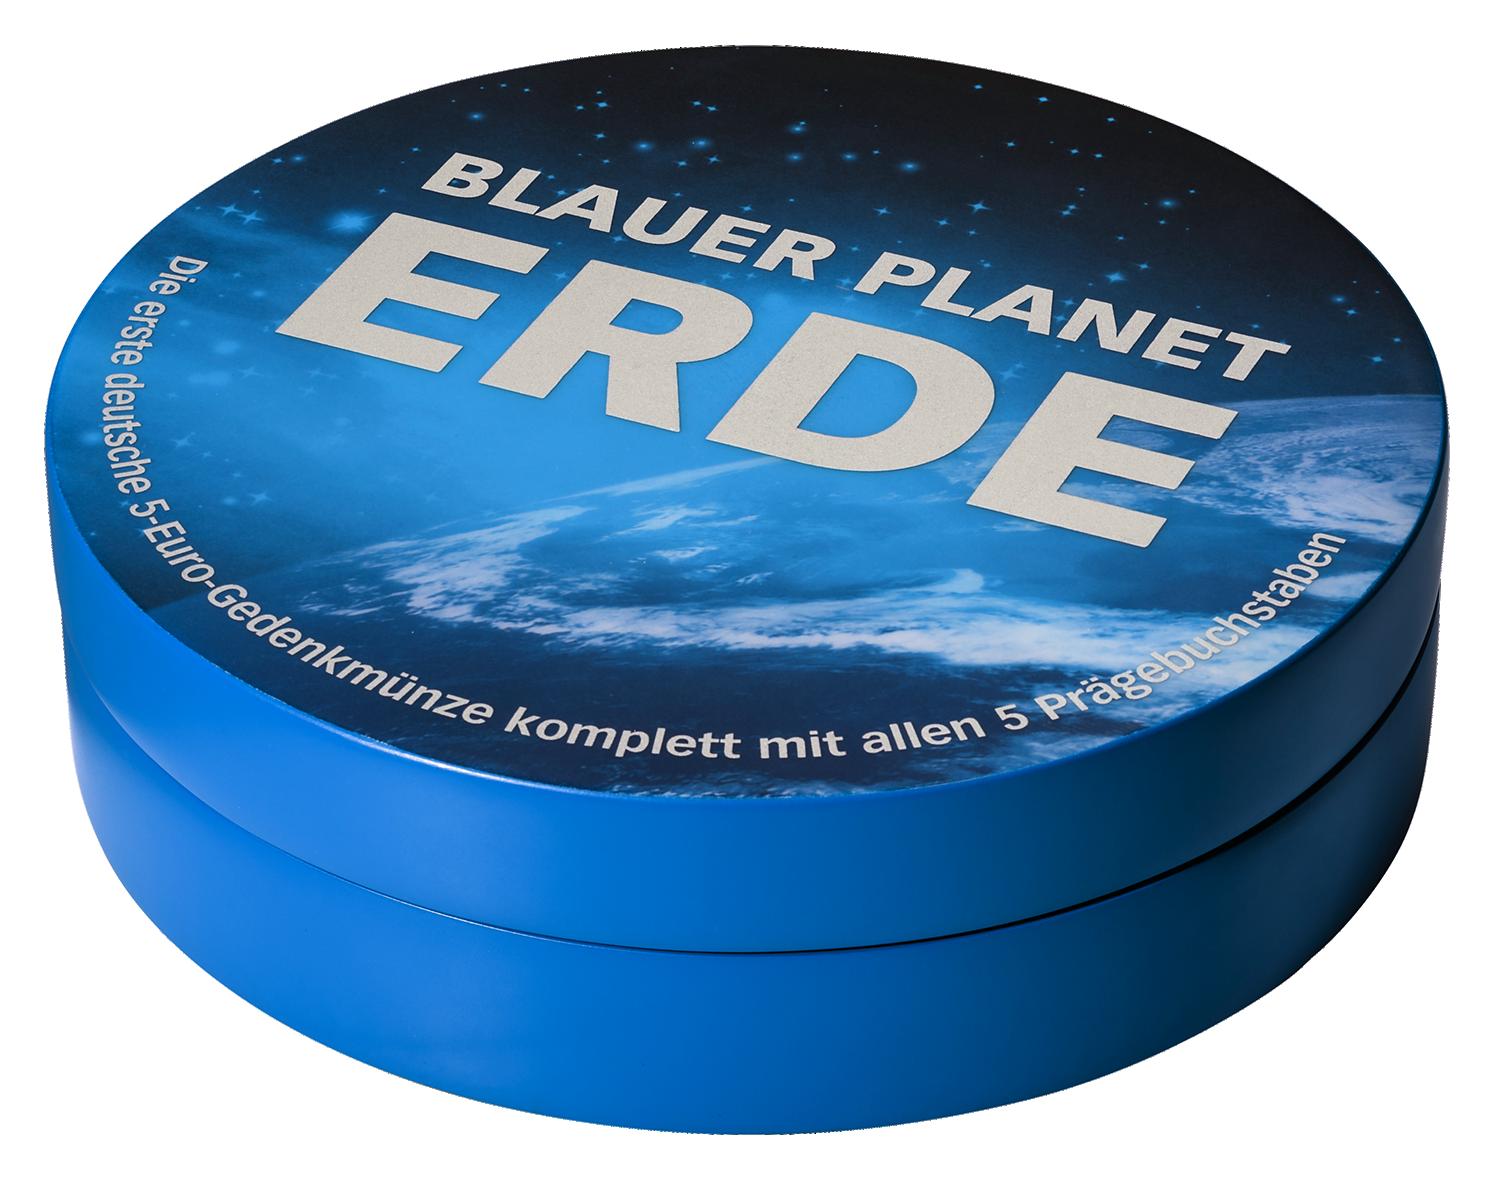 Led Etui 5x5 Euro Blauer Planet Brd Stpp Münzen Günstigerde